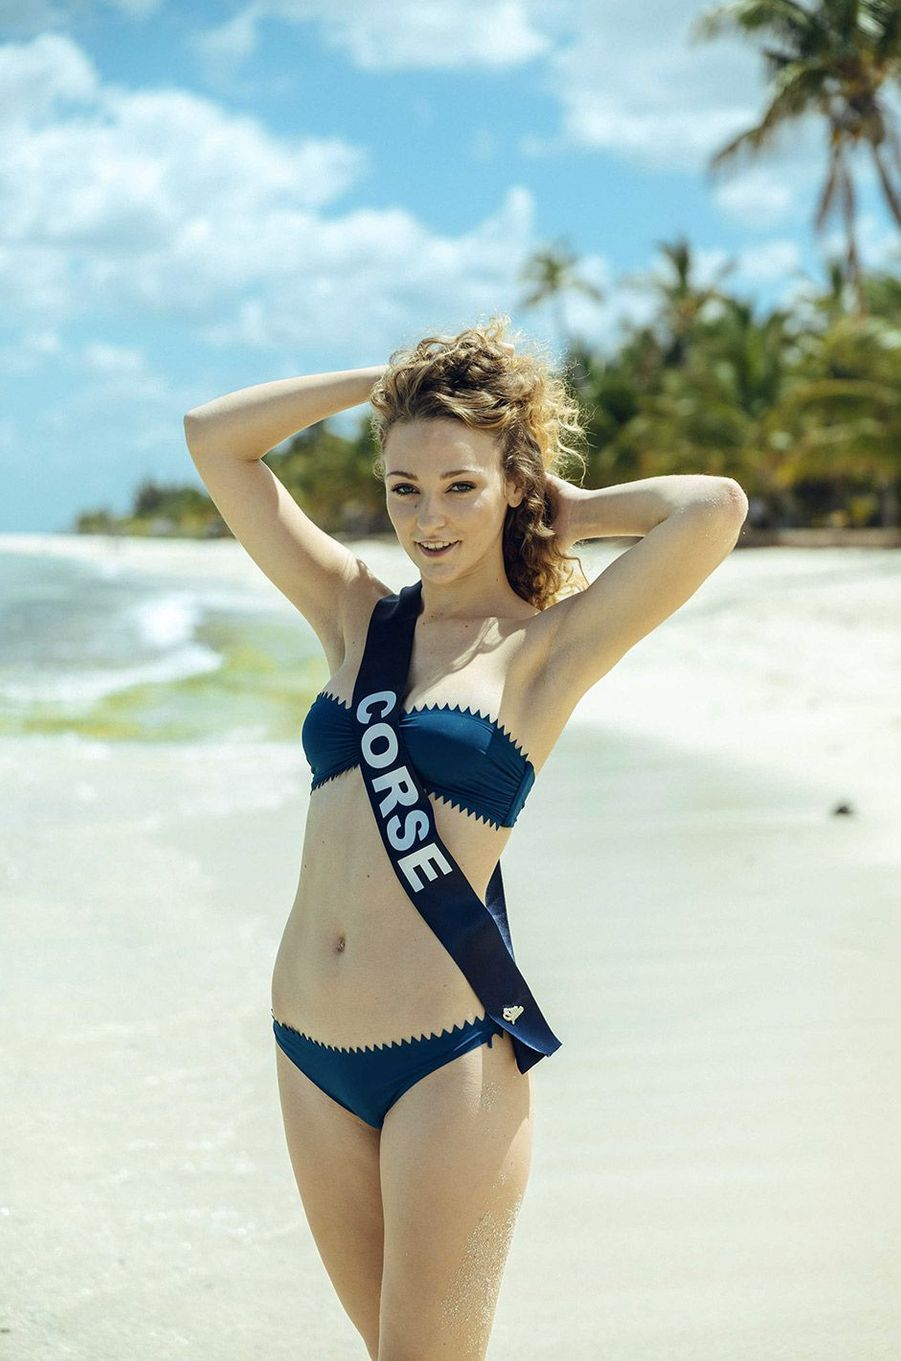 Manon Jean-Mistral, Miss Corse 2018